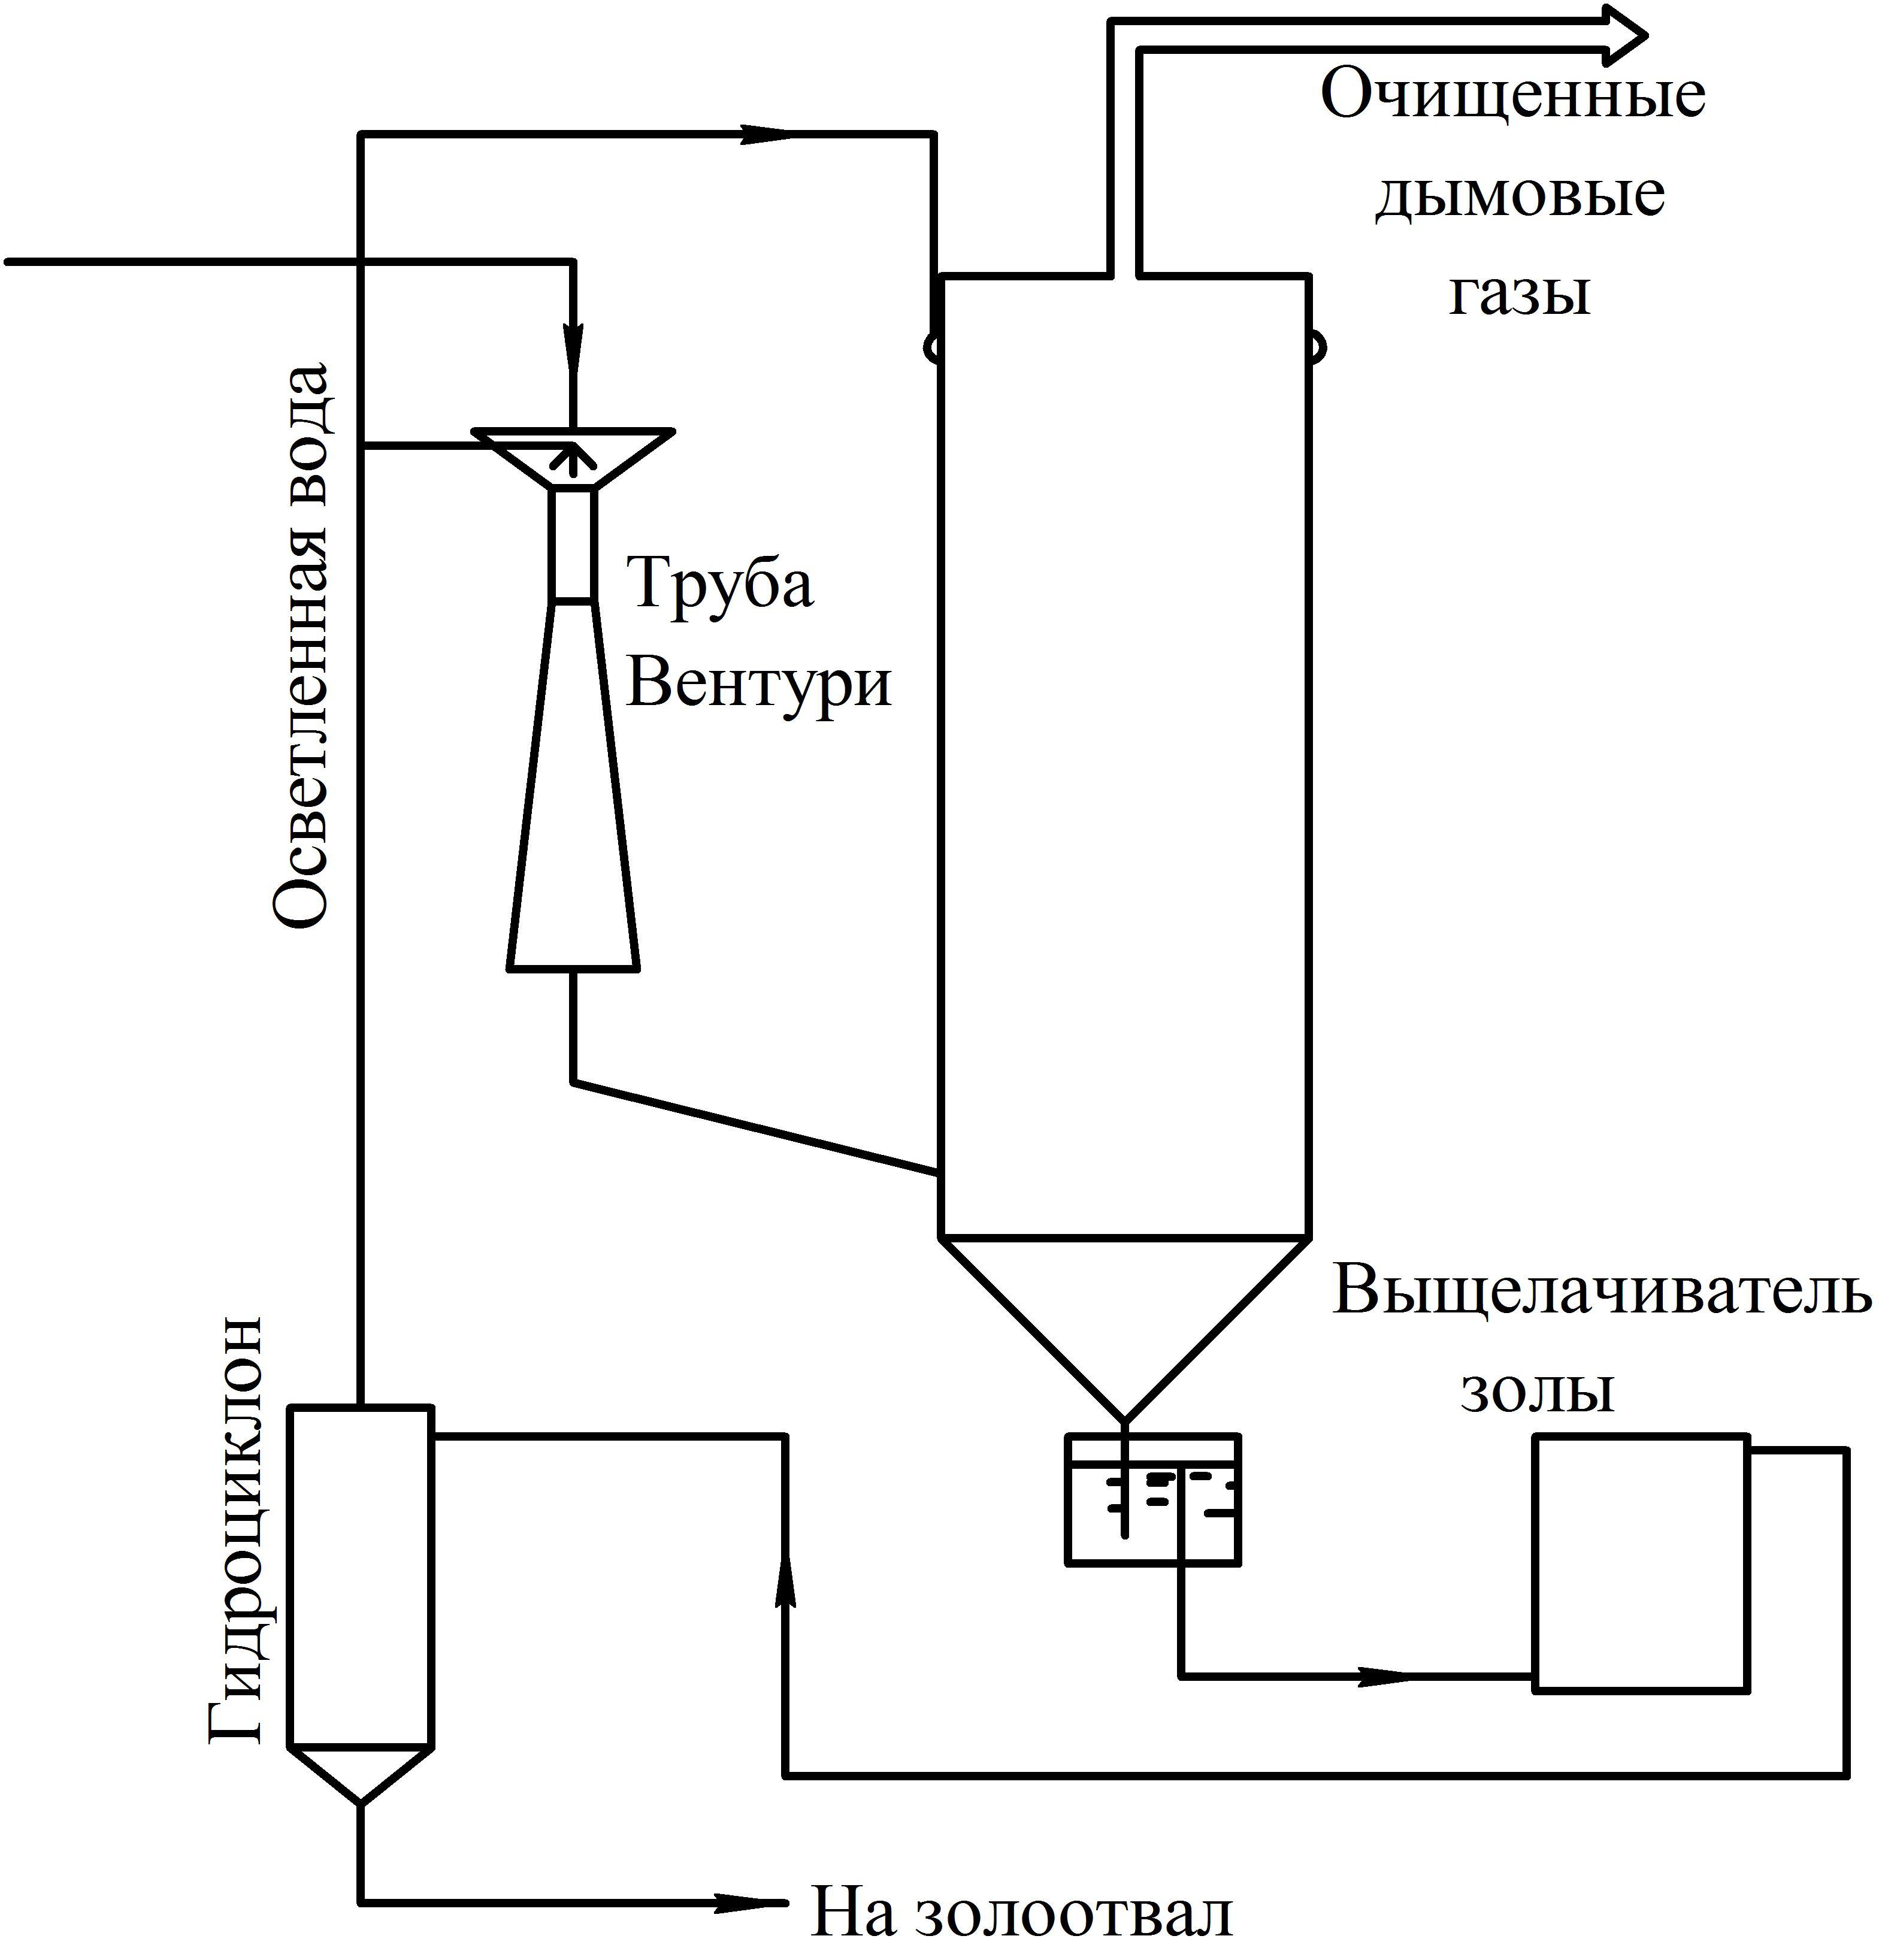 Аминовая очистка газа от сероводорода: принцип, эффективные варианты и схемы установок